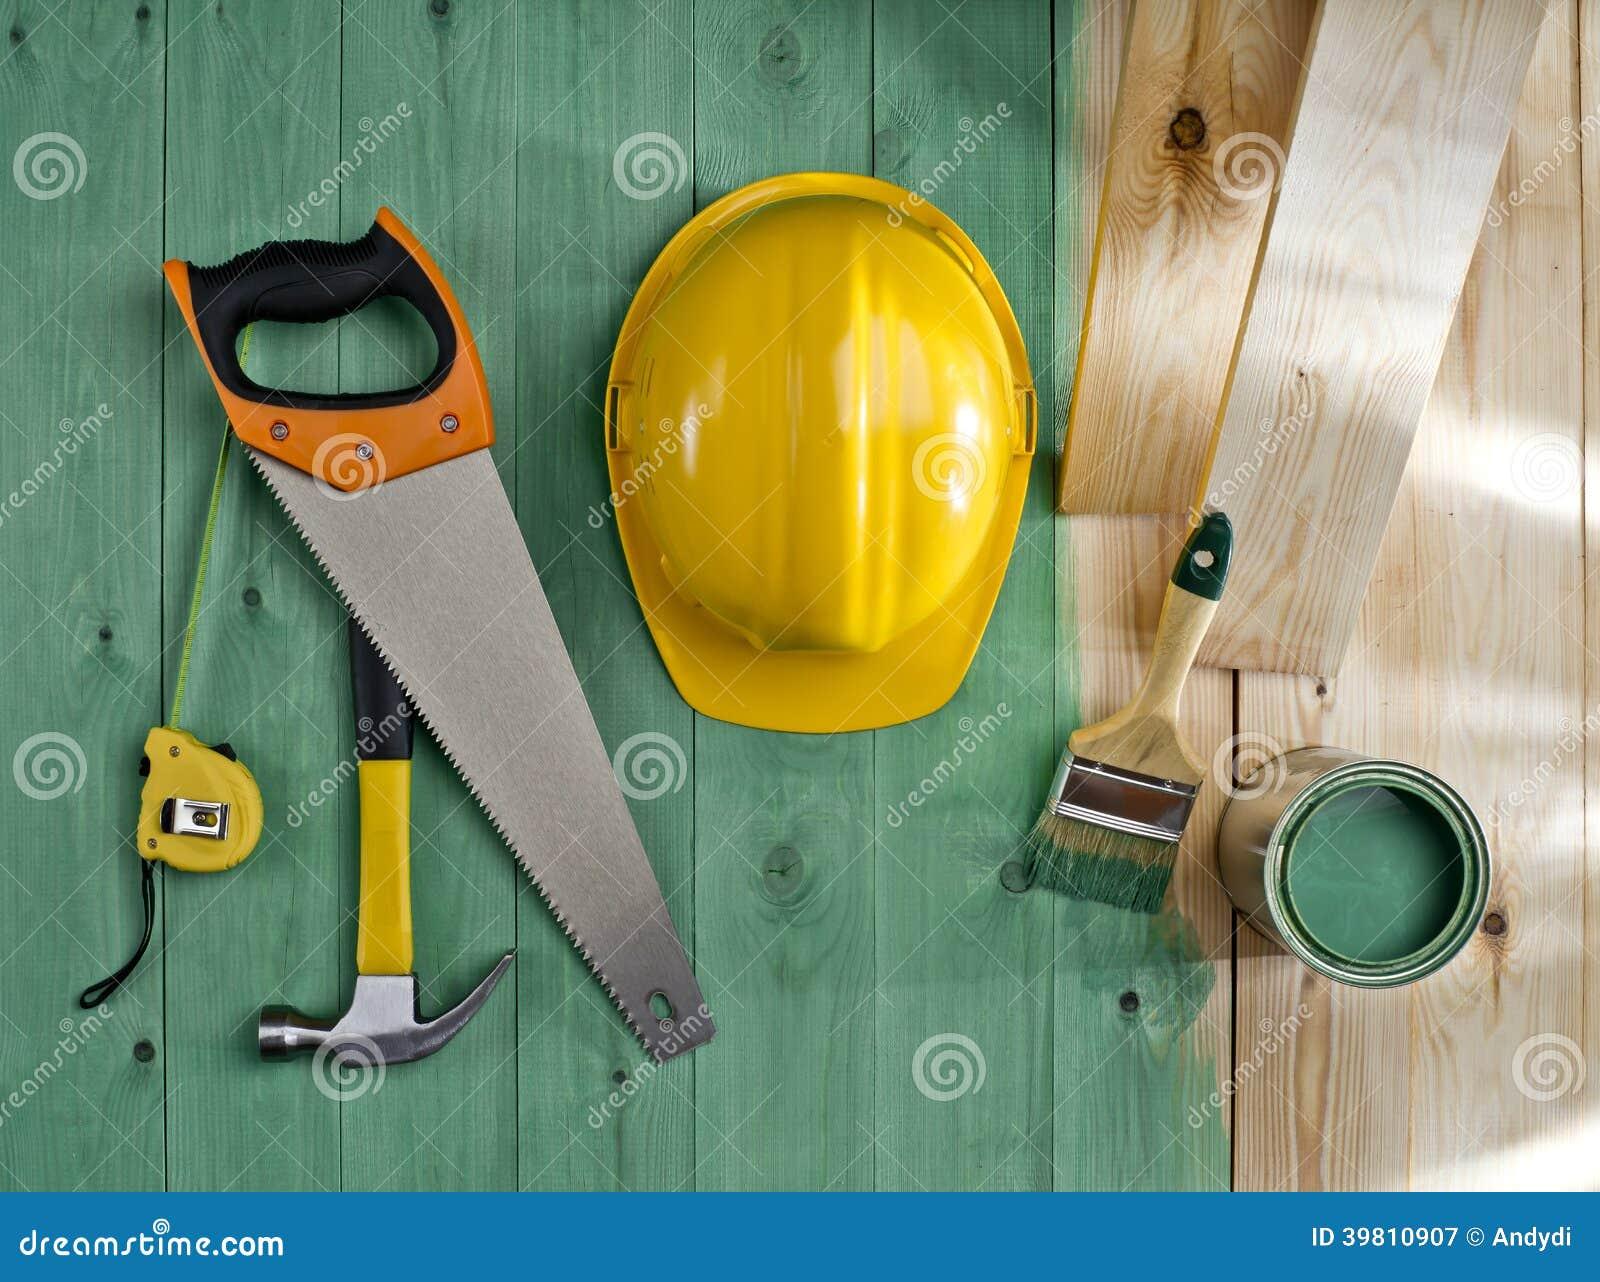 Groene houten vloer met een borstel een verf een zaag een hamer en een helm stock foto - Verf een ingang en een gang ...